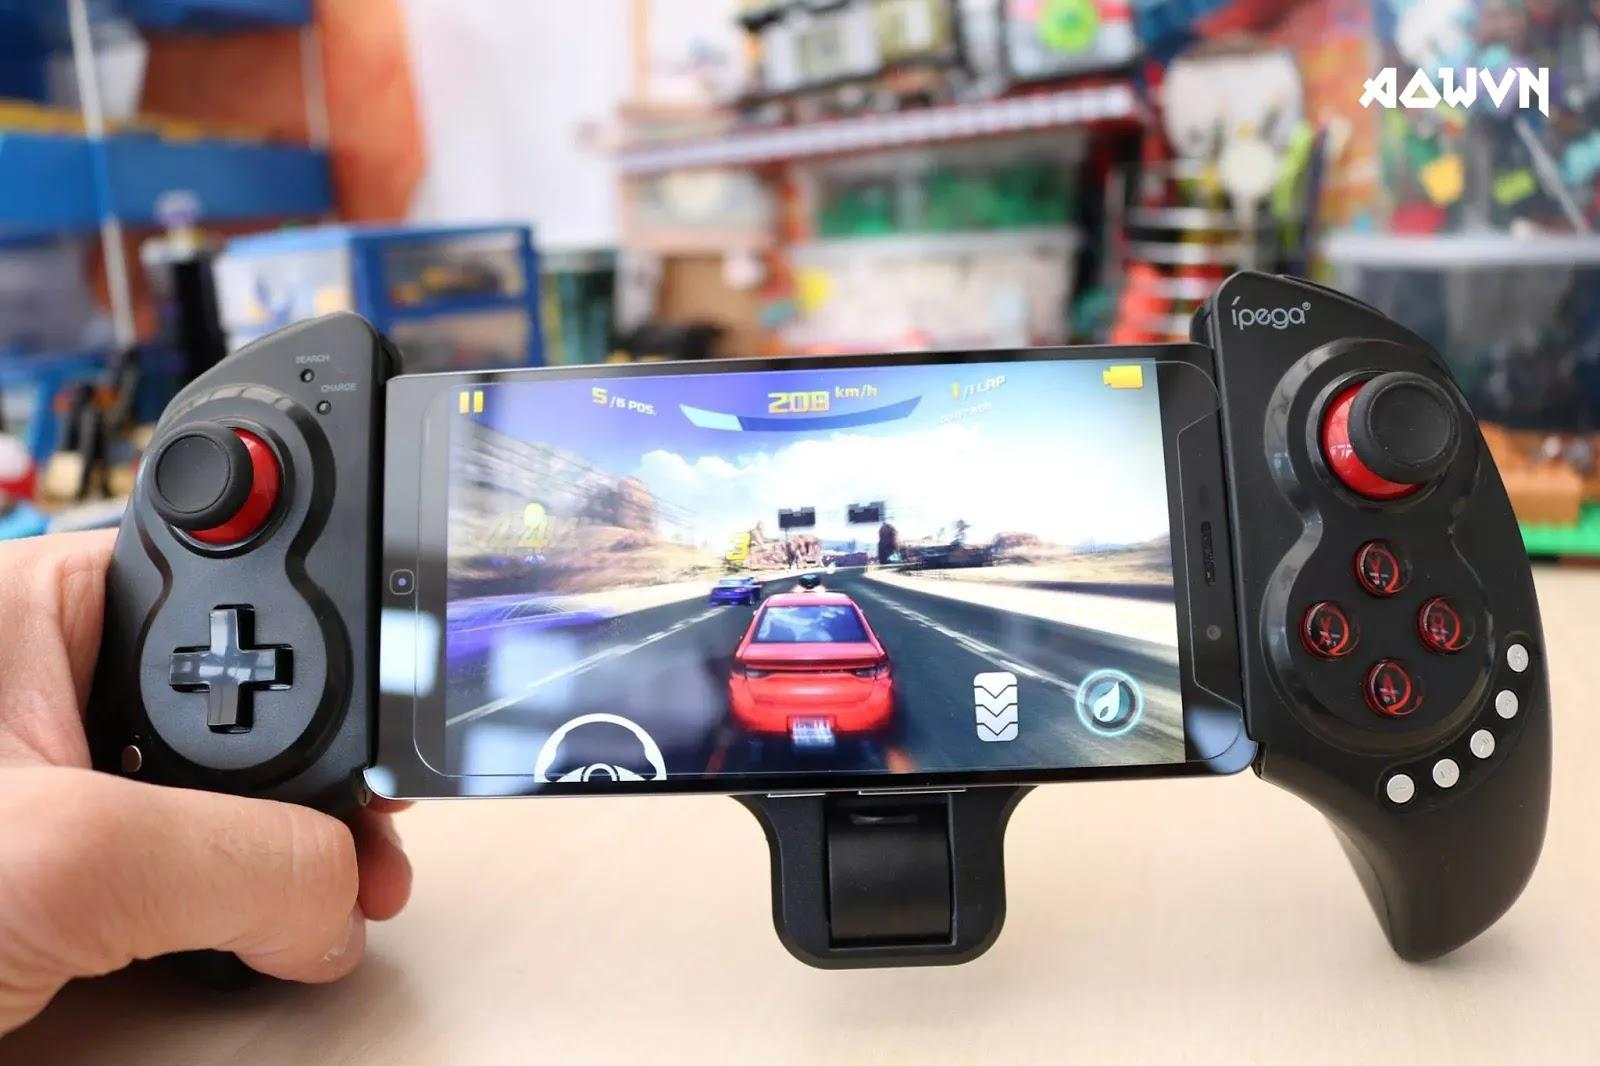 AowVN Gamepad%2B%25285%2529 - Tổng hợp những tay cầm chơi game nên mua cho điện thoại | Gamepad Android & IOS